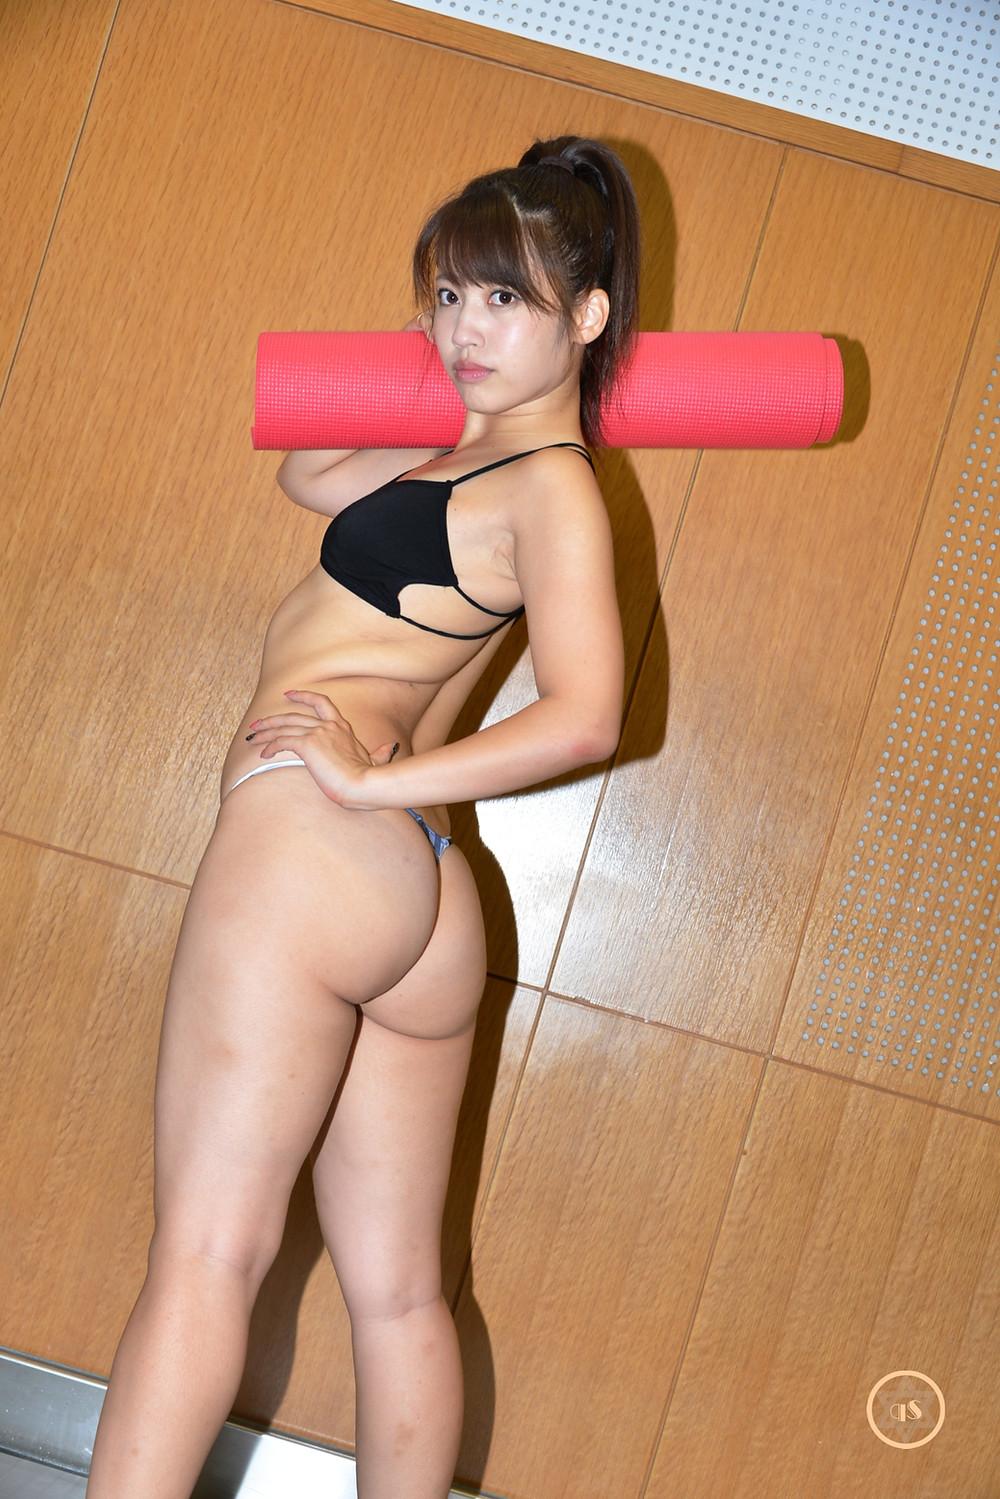 美巨尻グラビアアイドル璃乃のTバック筋トレ(きゅうすた)HIMEcity